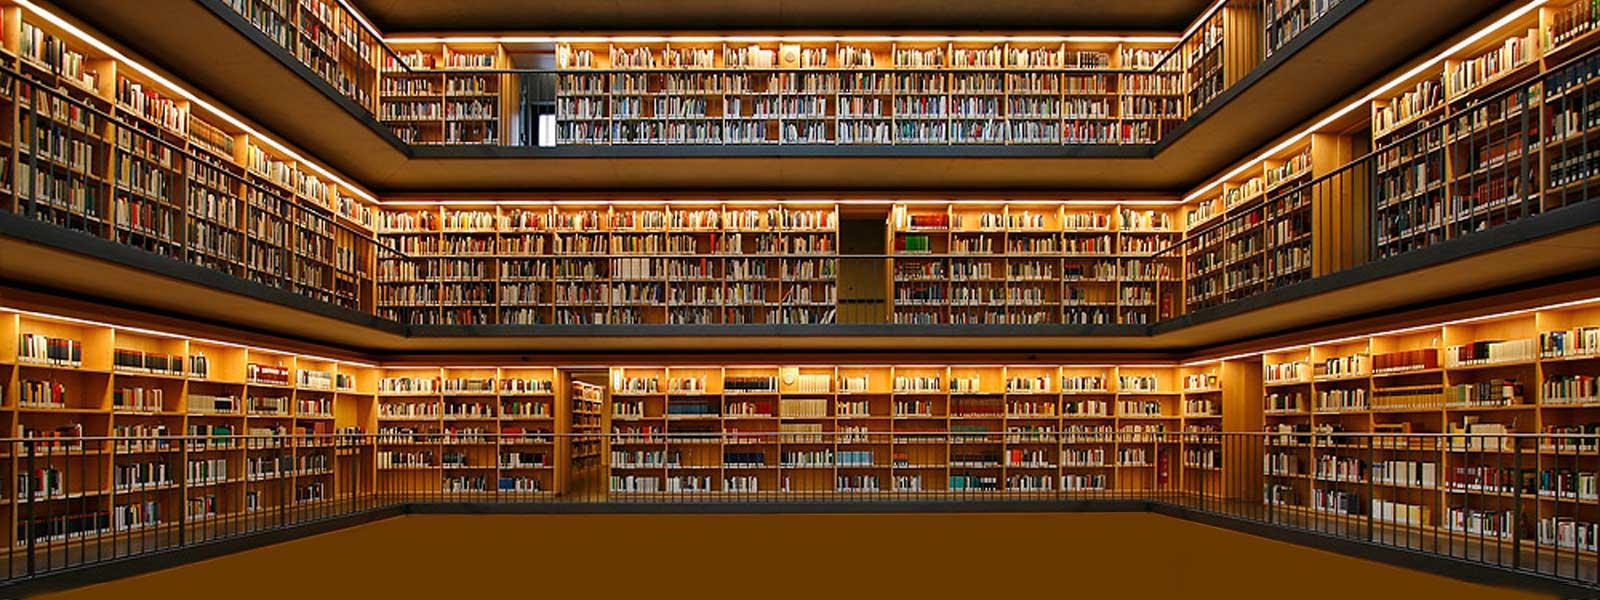 Sejarah Perkembangan Perpustakaan dalam Dunia Islam